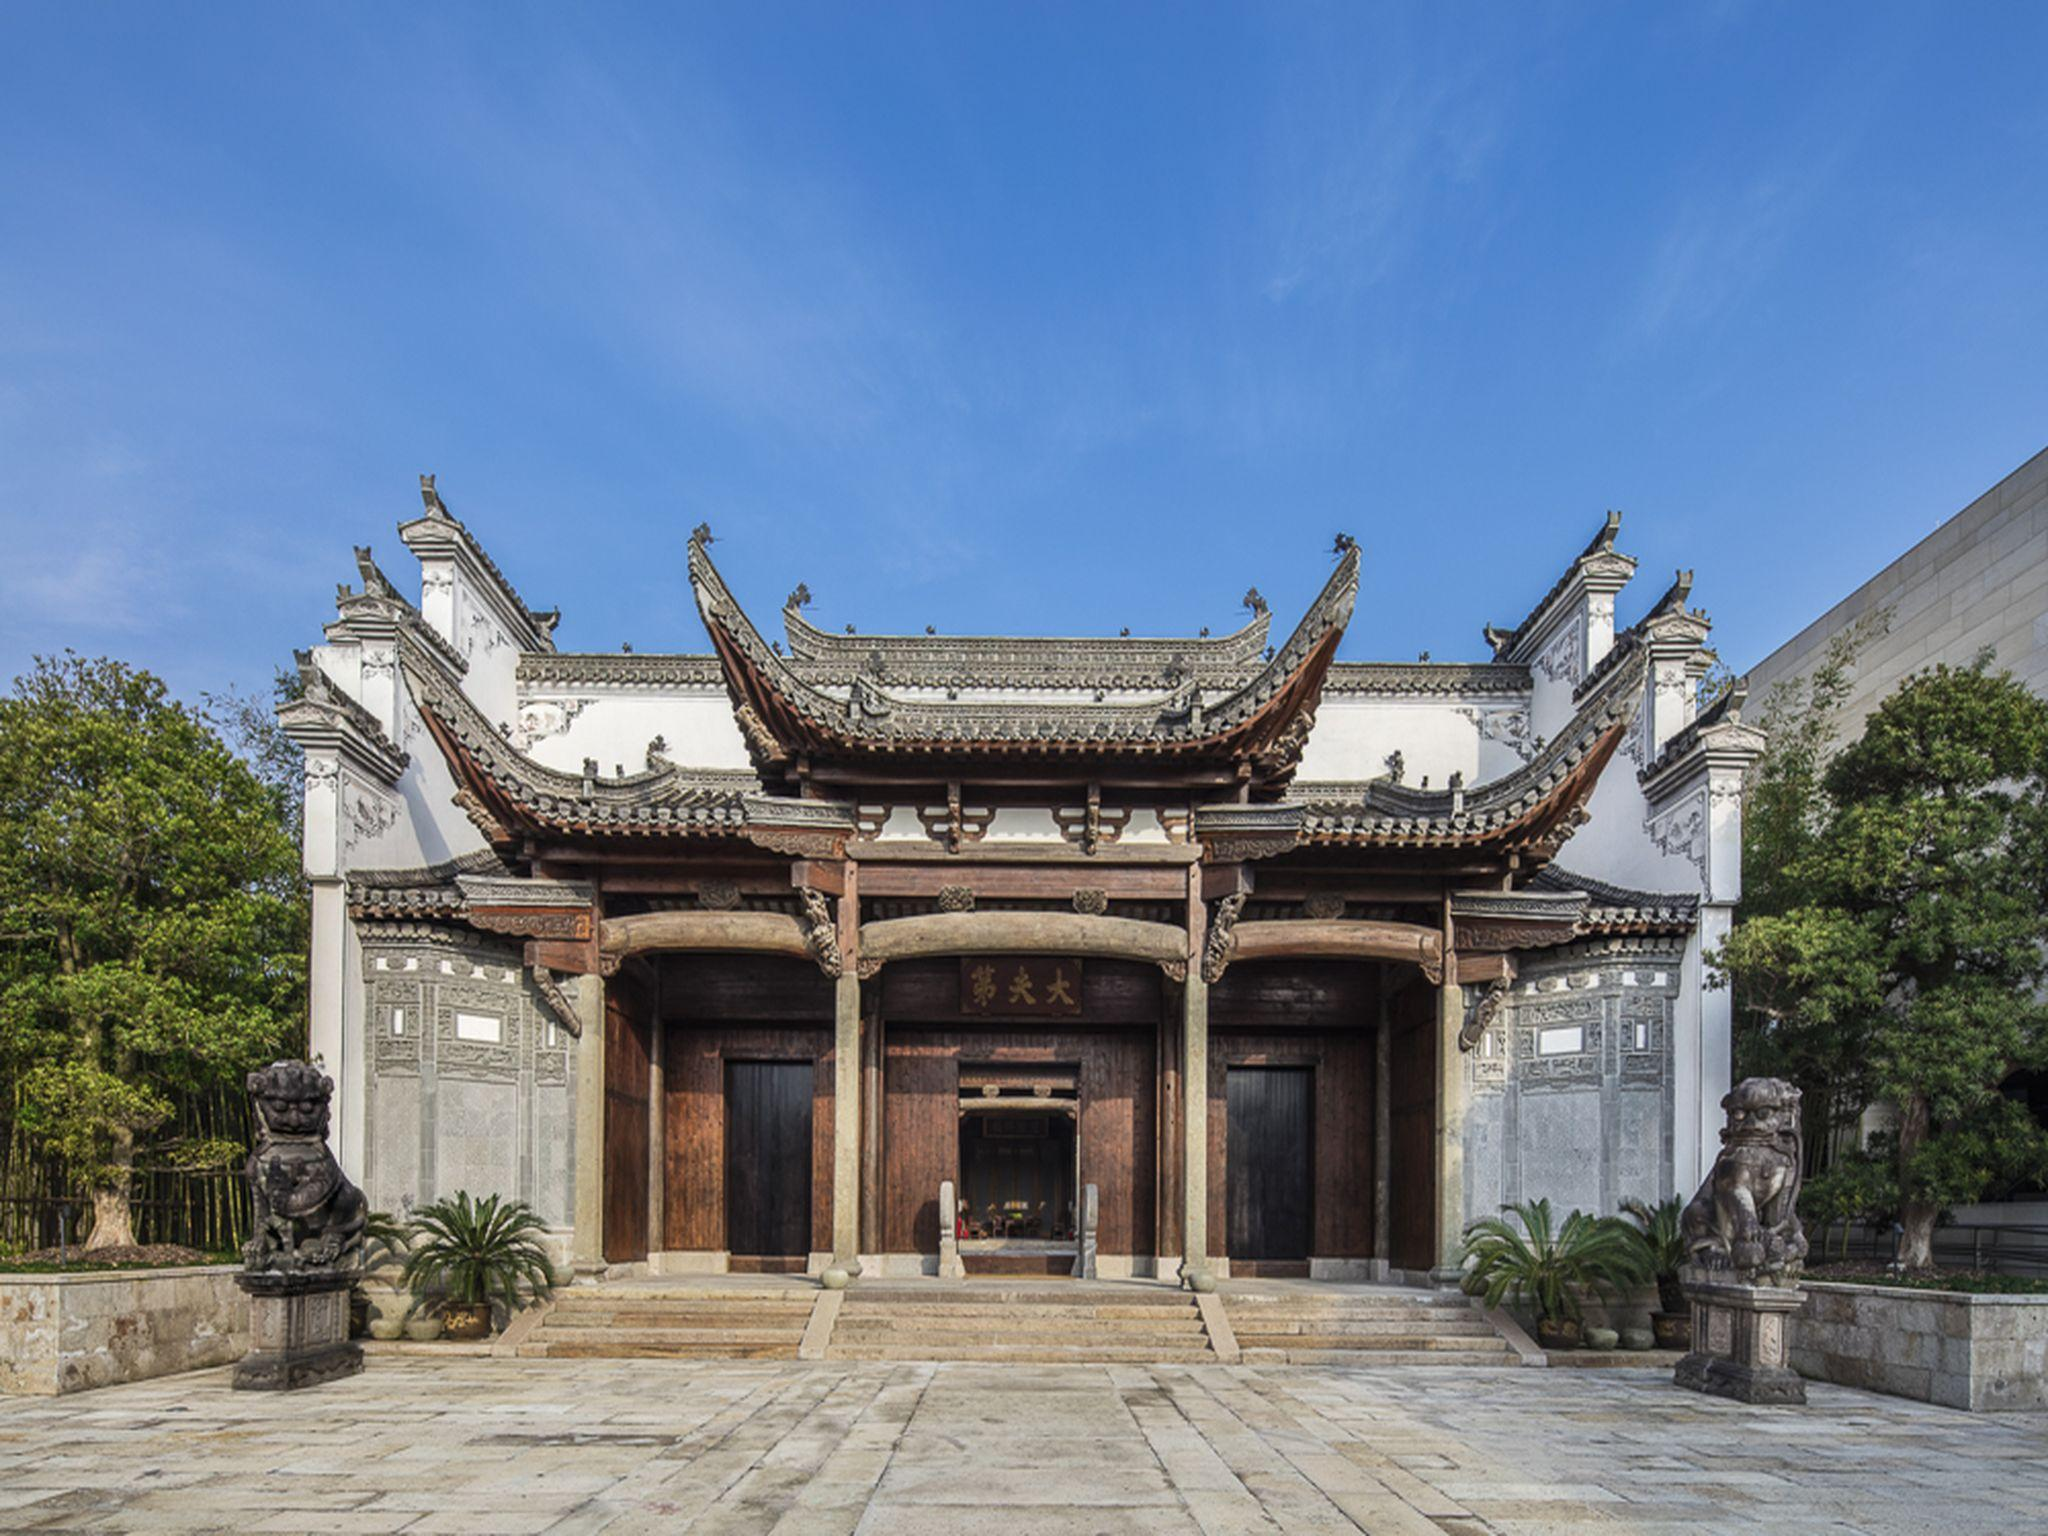 AHN LUH Zhu Jia Jiao